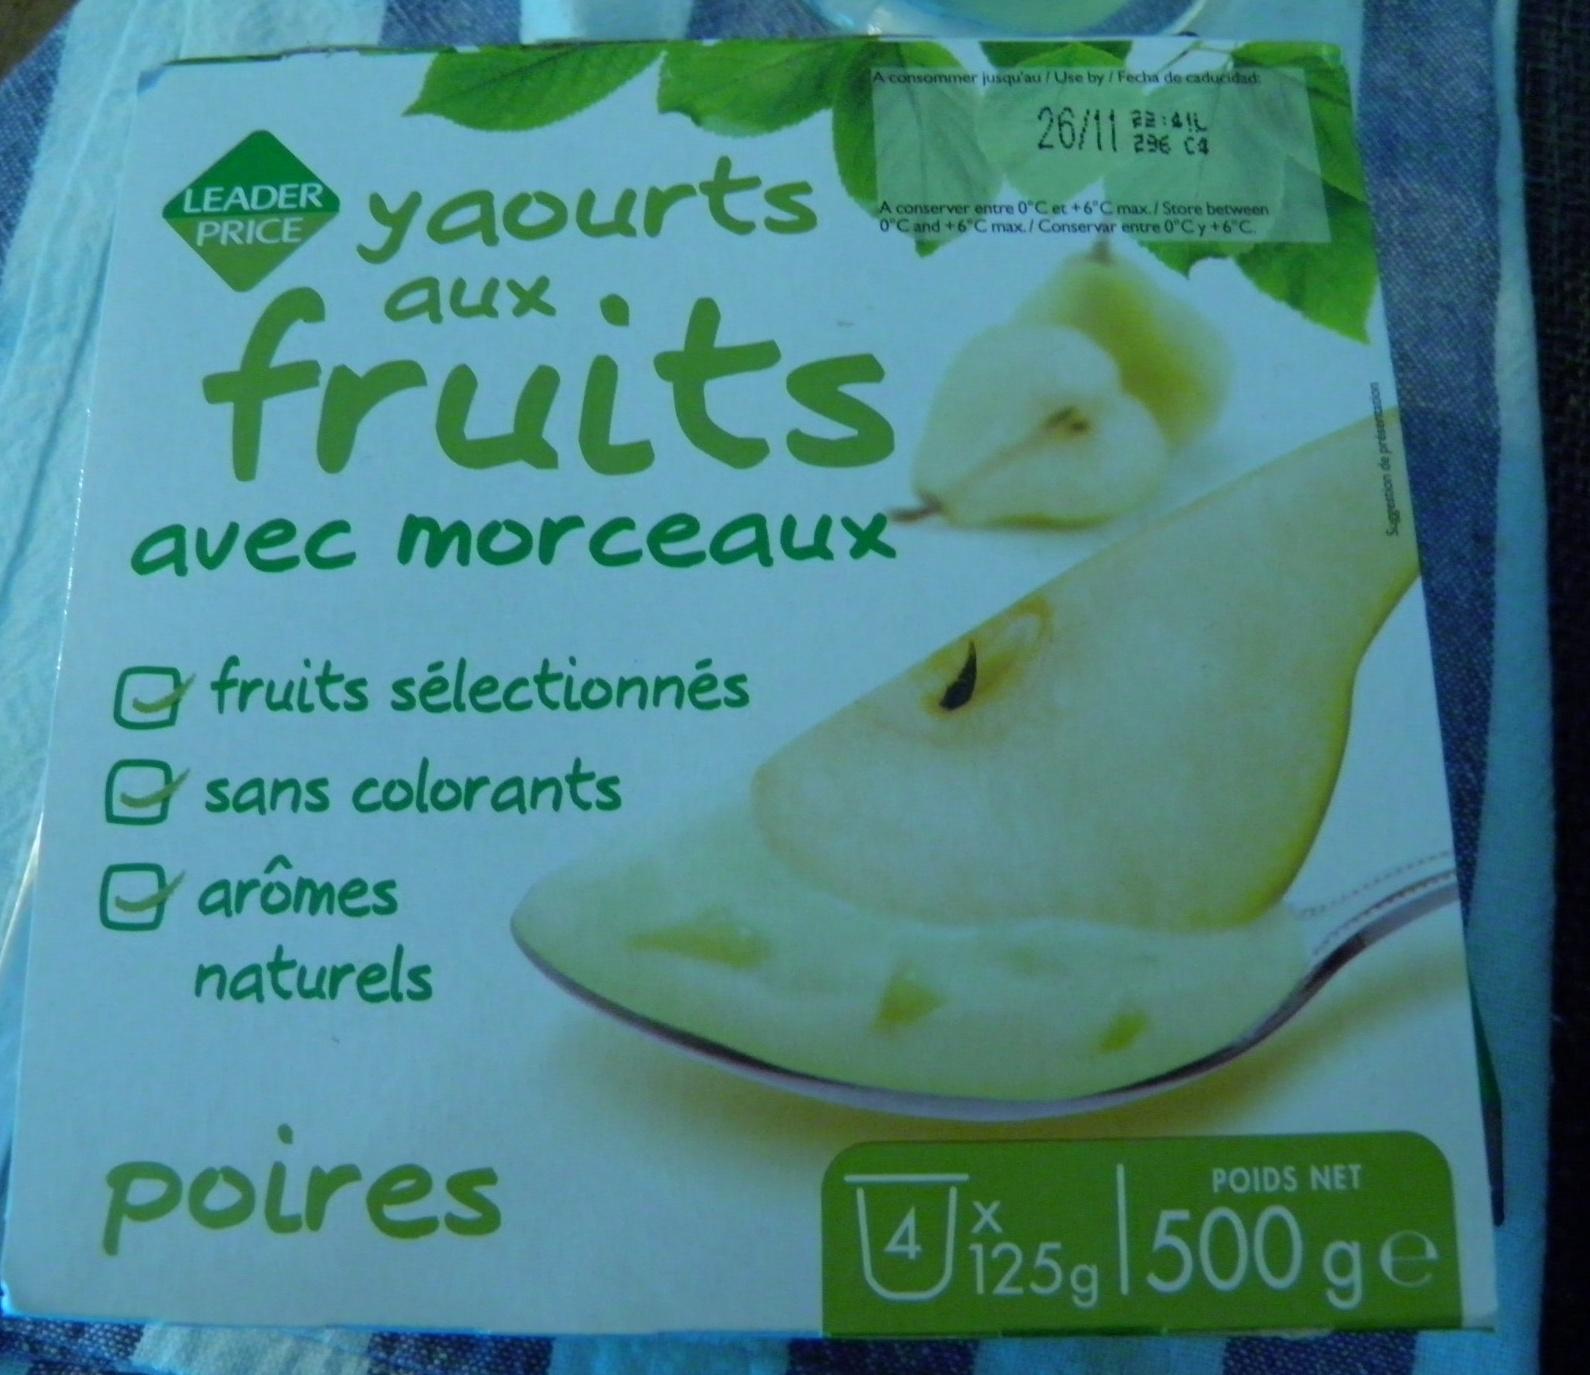 Yaourts aux fruits avec morceaux Poires - Produit